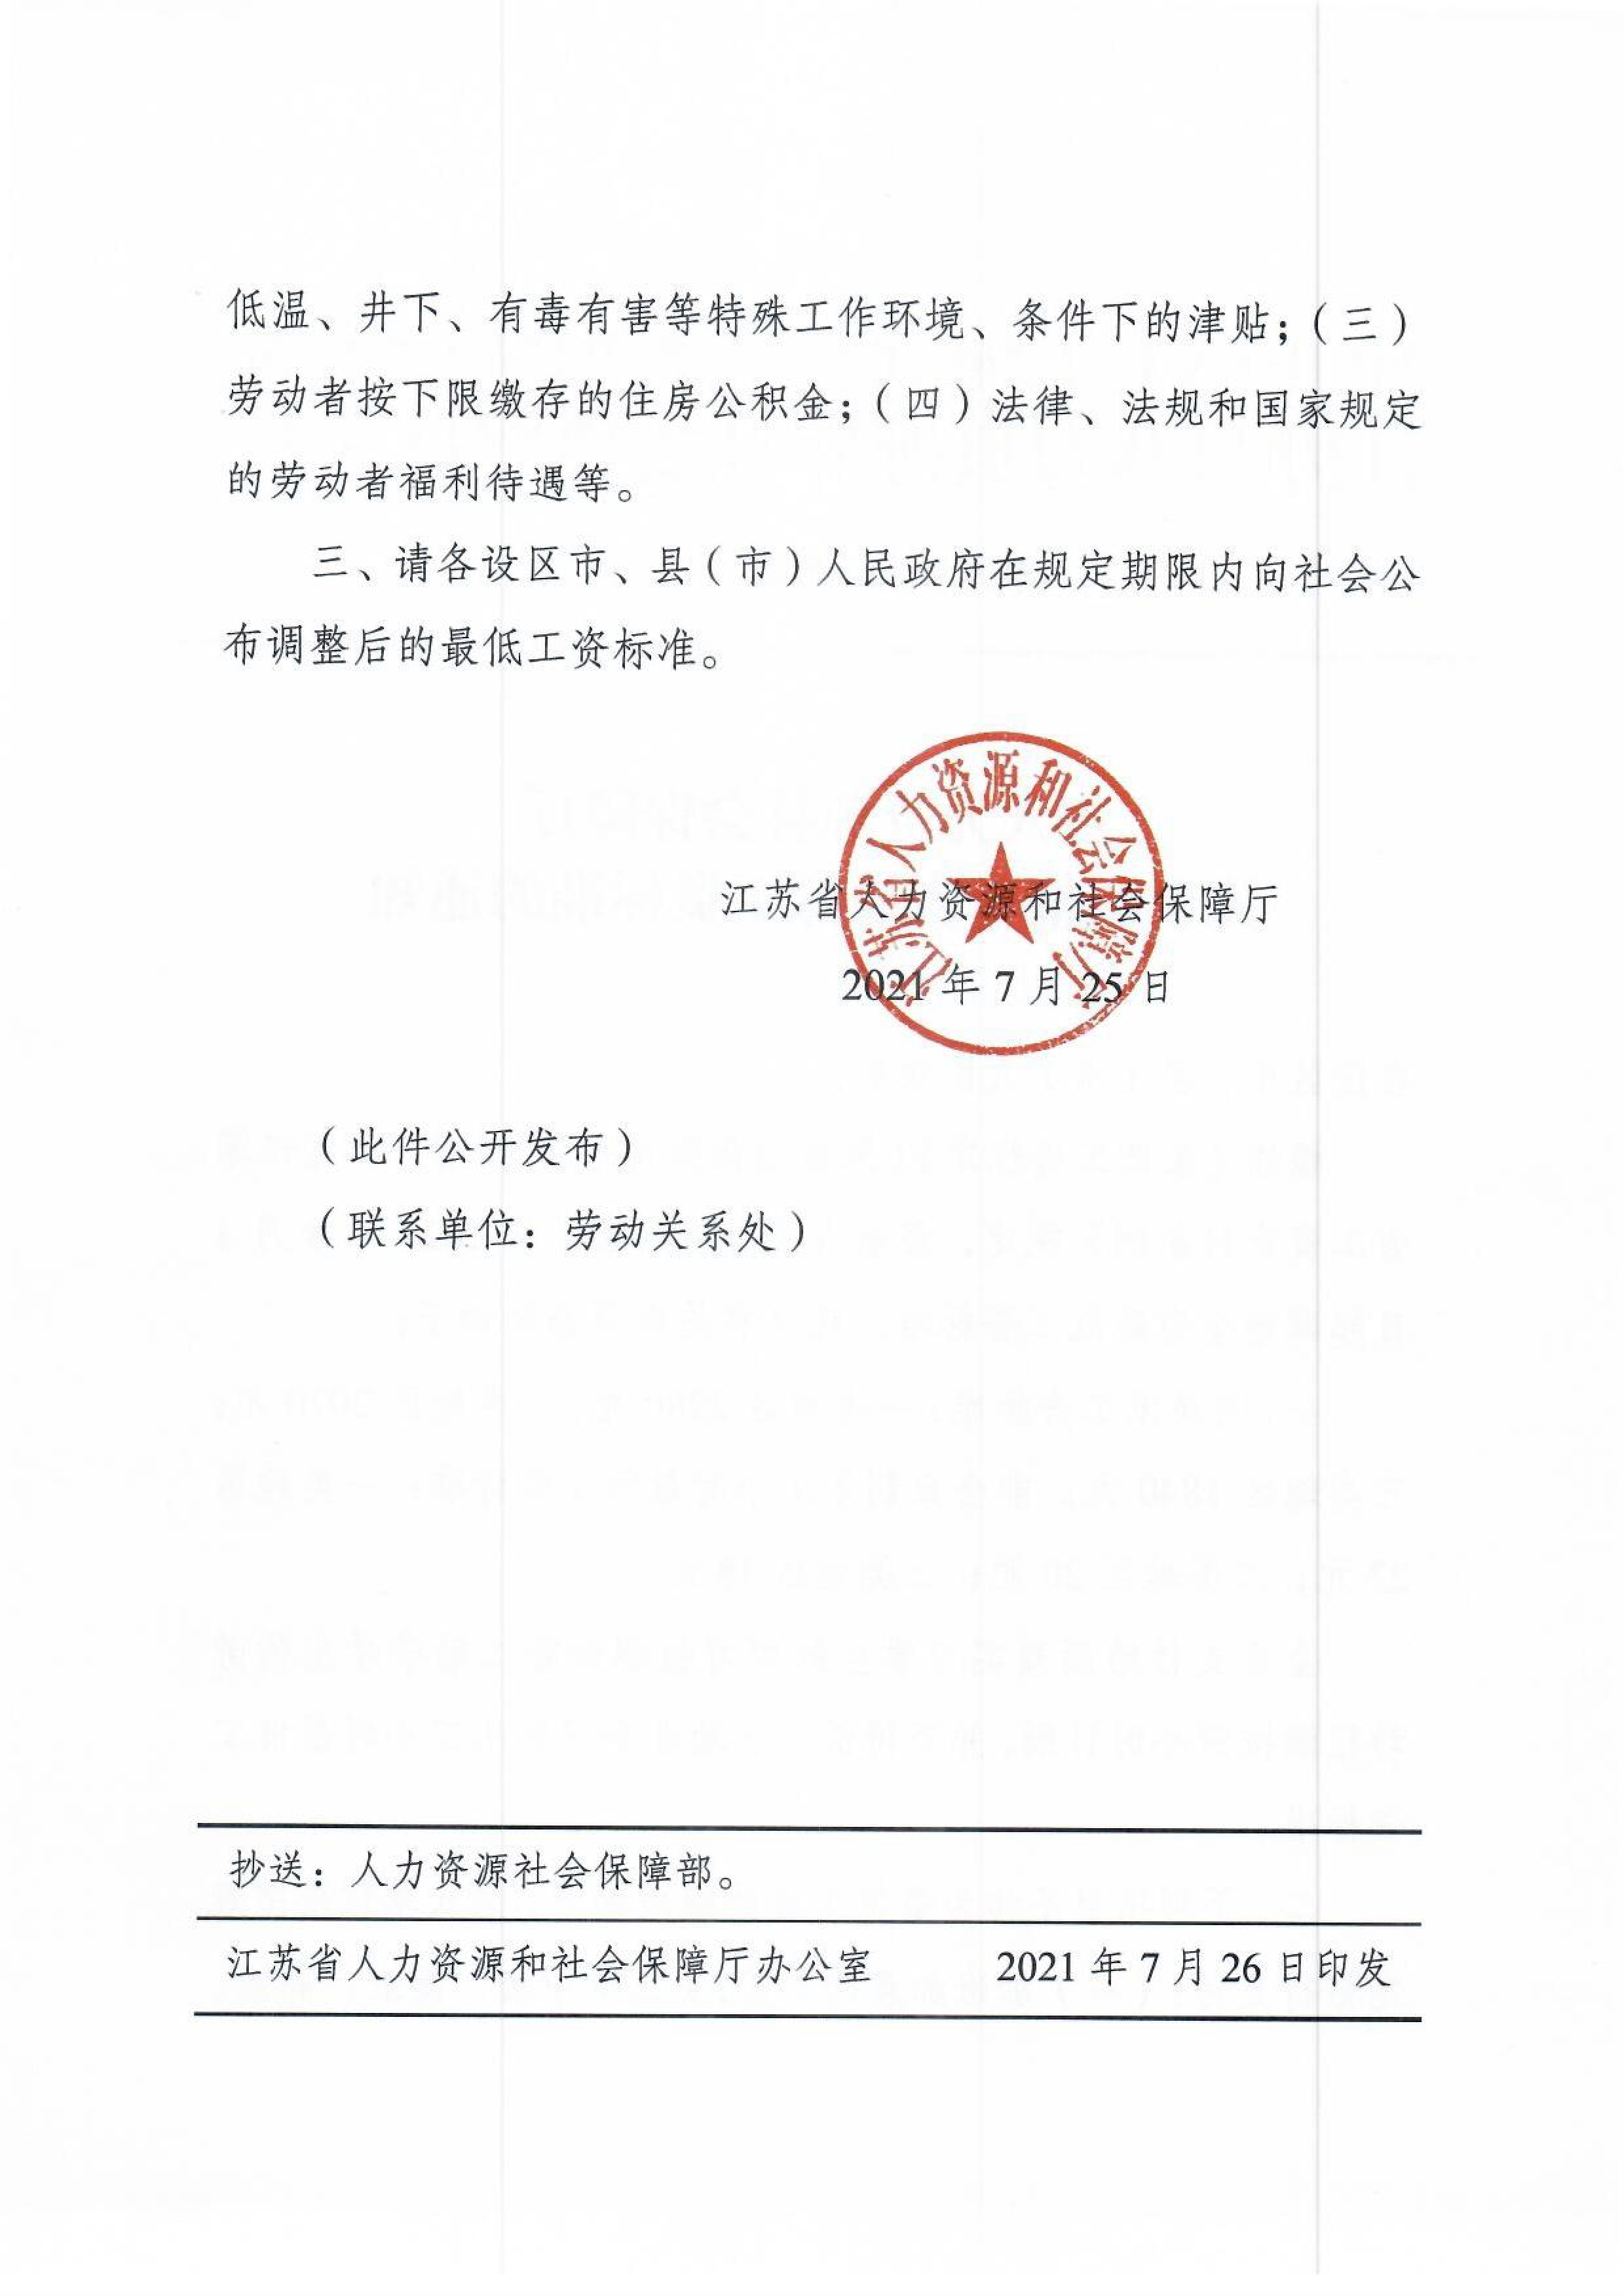 关于调整全省最低工资标准的通知(苏人社发〔2021〕72号)-2.jpg